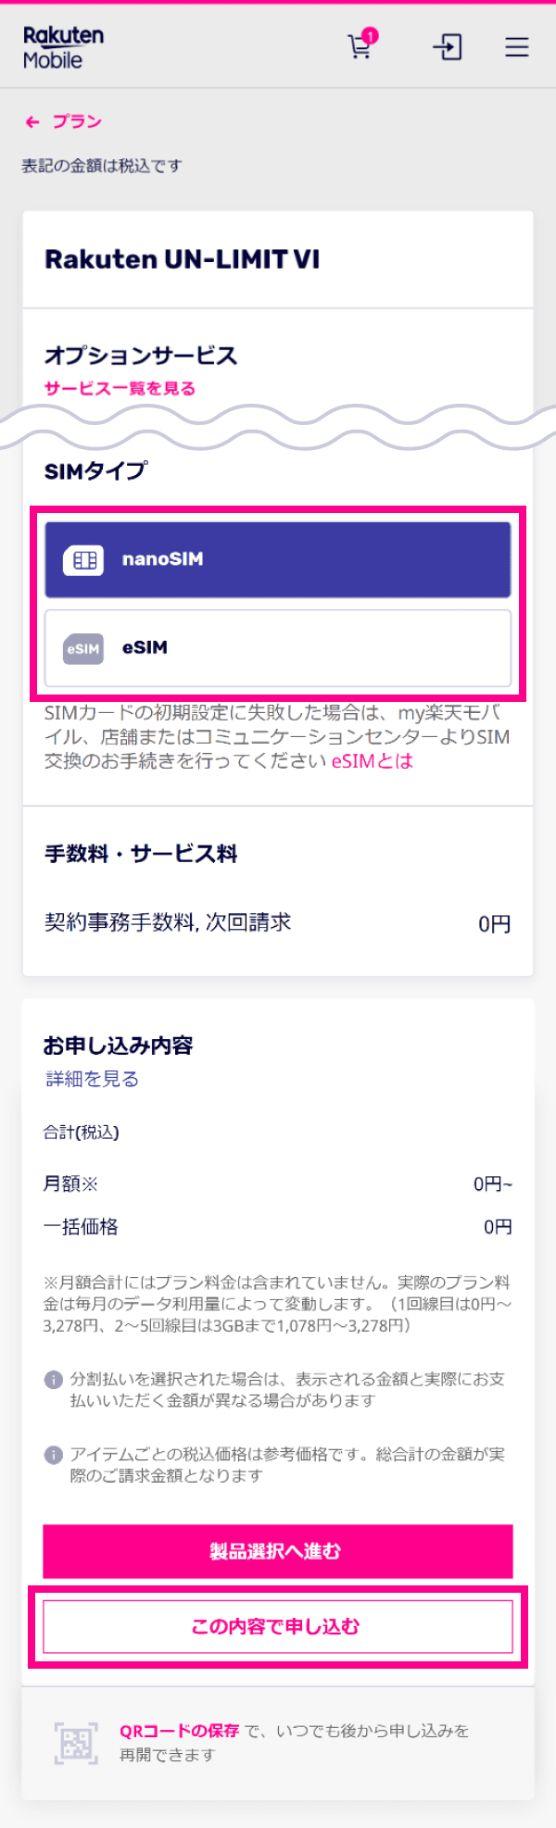 手順3. オンラインから楽天モバイルに申し込む2